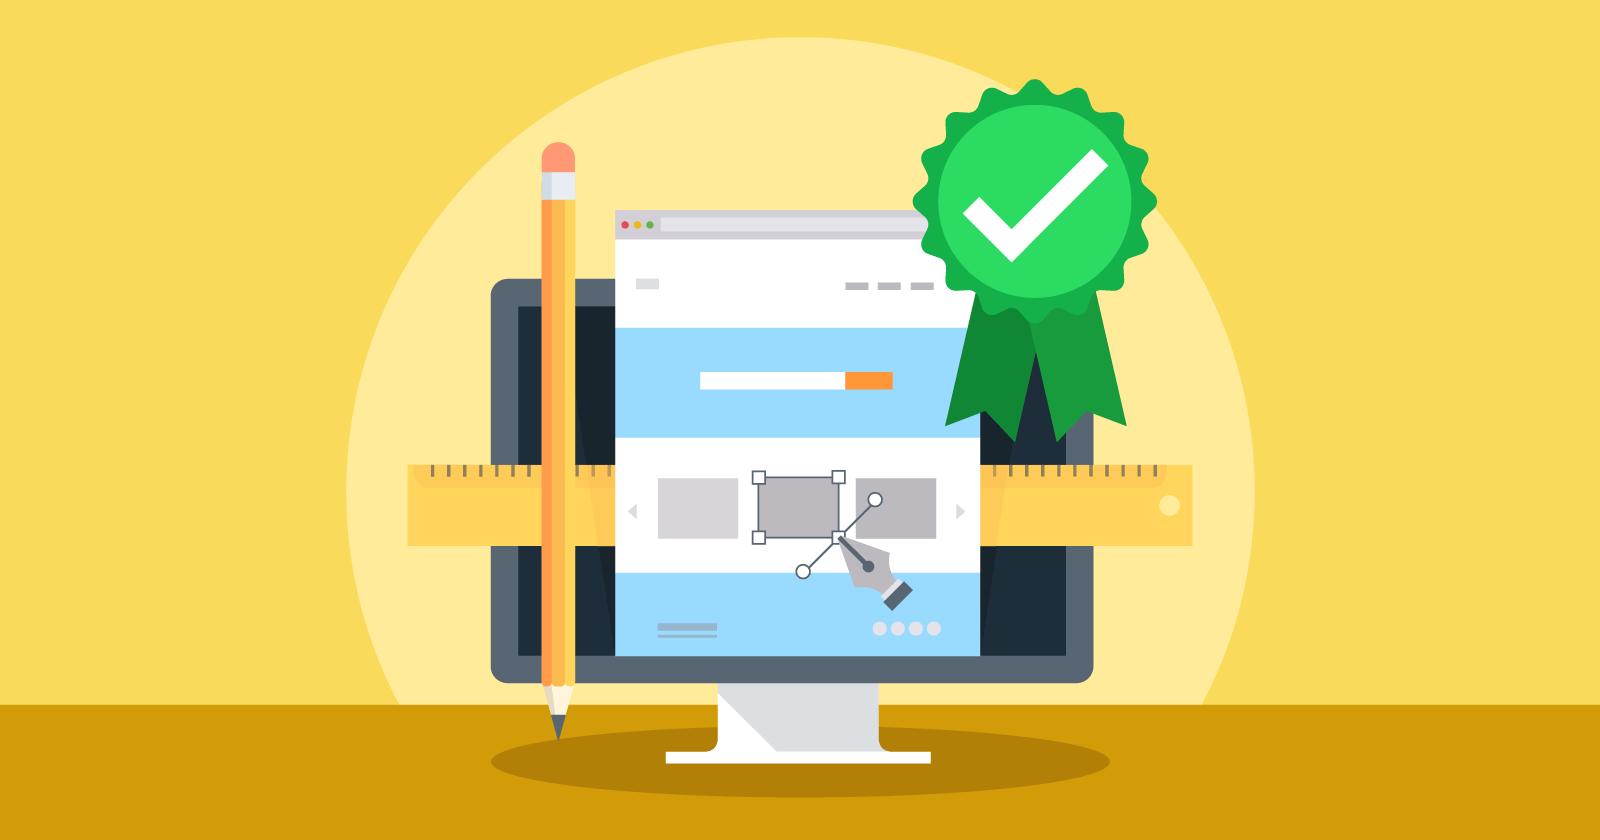 8d6a2135e Melhor Criador de Sites - Ranking Junho 2019 [+ Descontos]